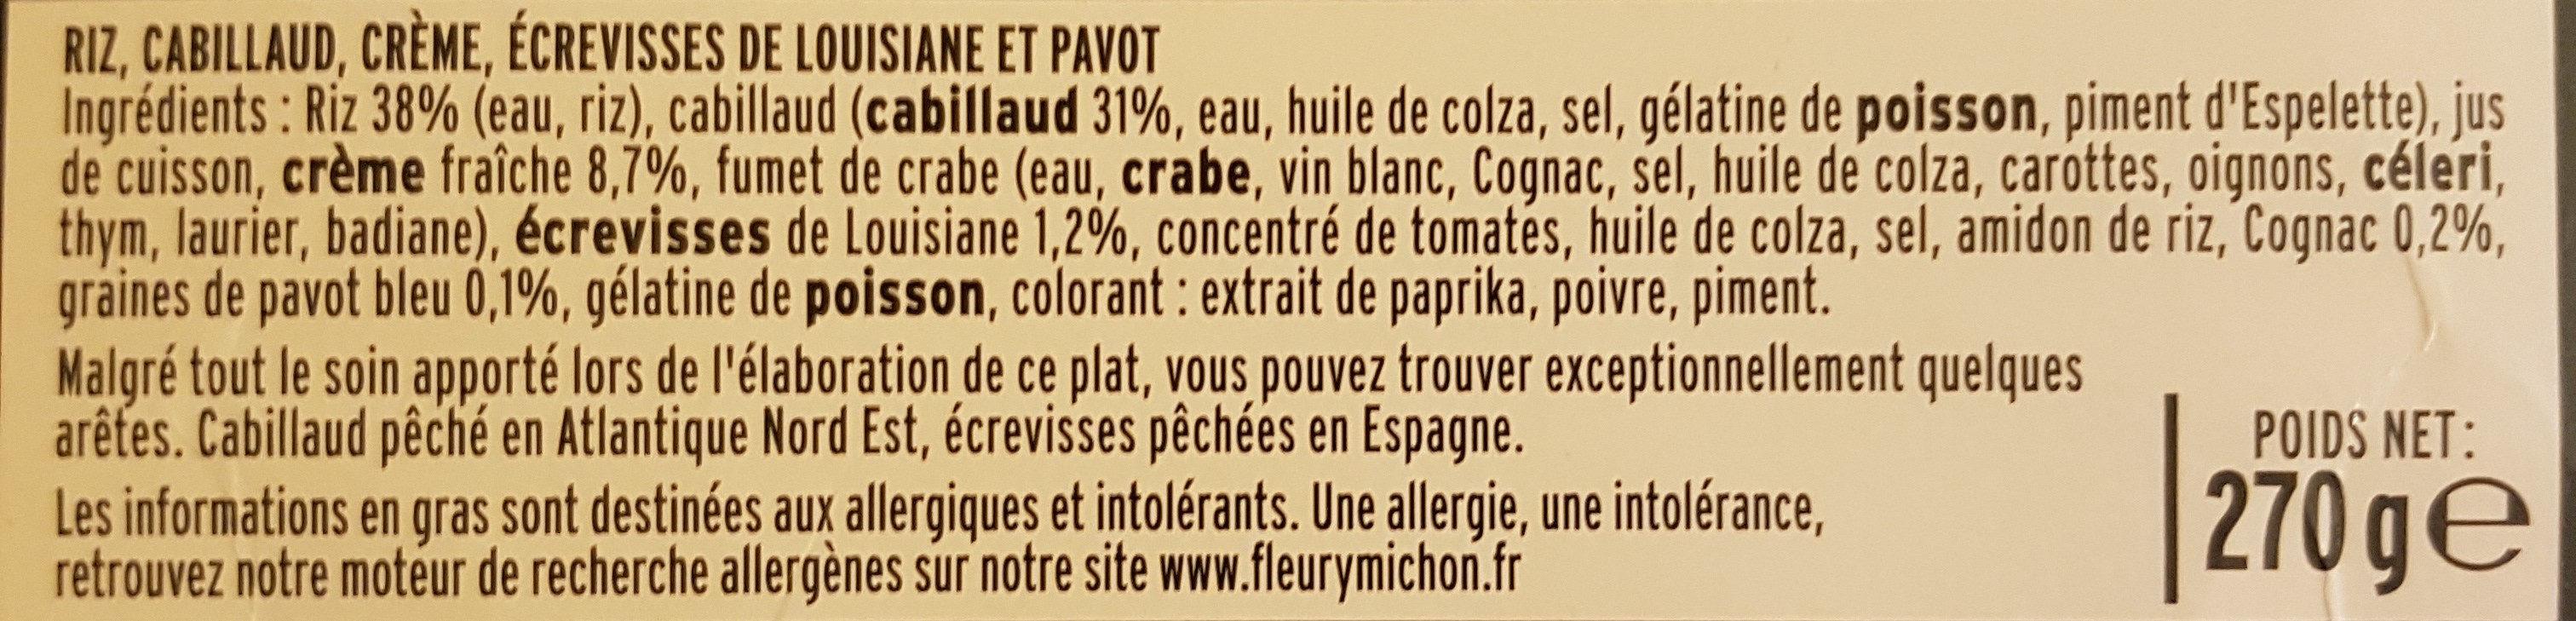 Cabillaud, crème d'écrevisses, riz au pavot - Ingredients - fr